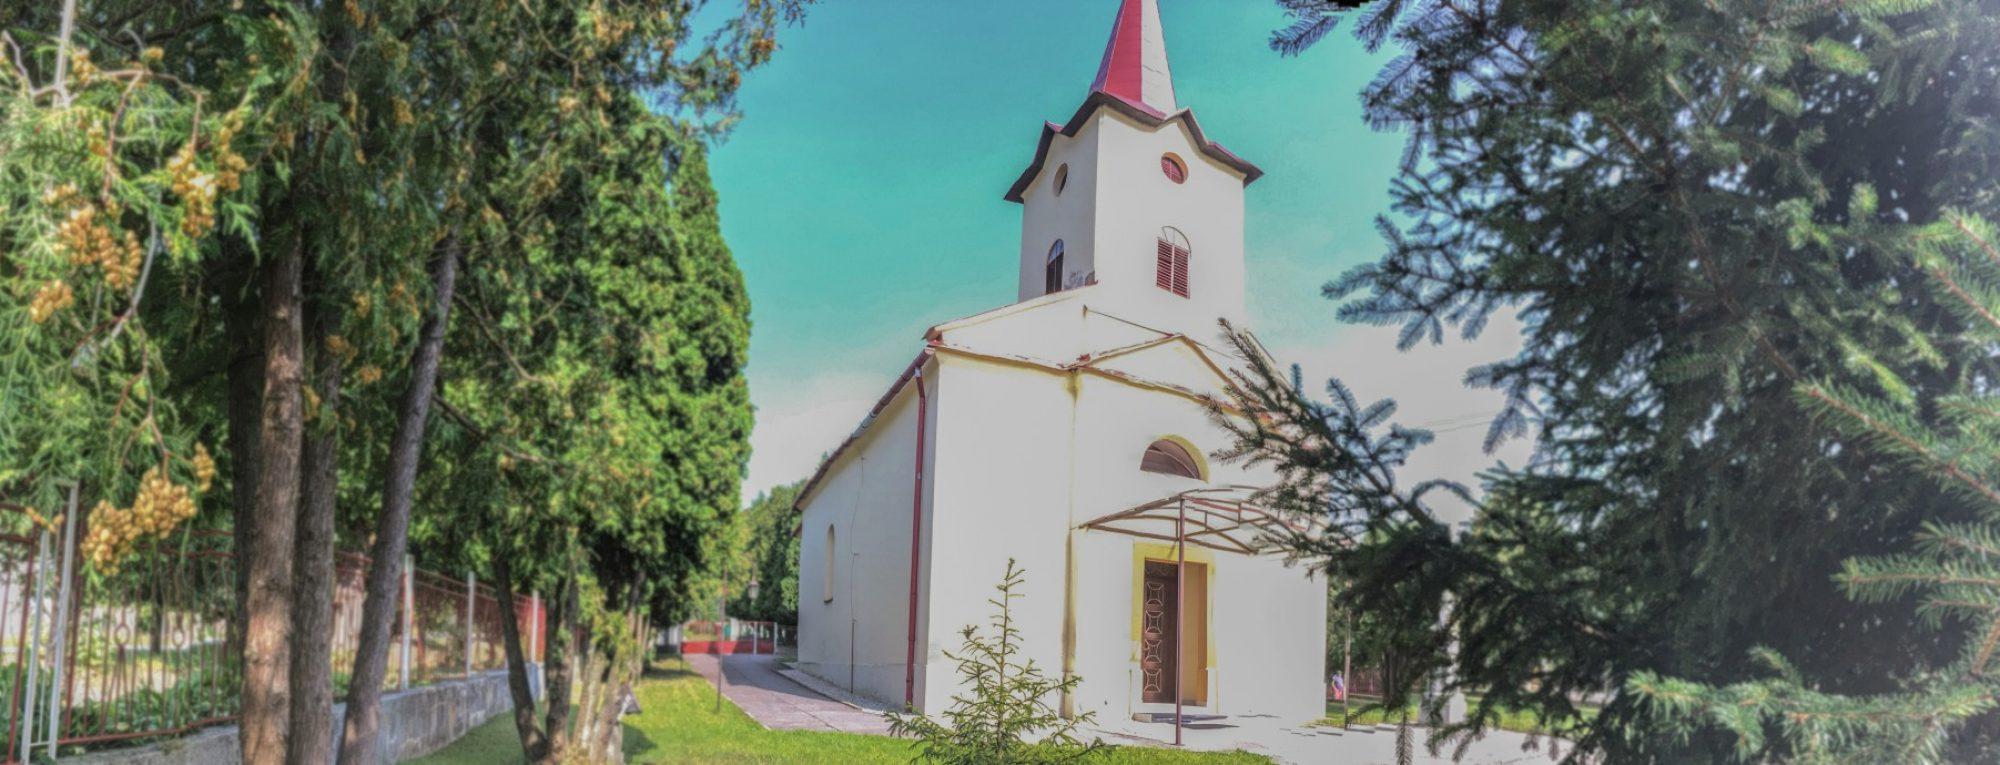 Rímskokatolícka farnosť sv. Anny, Turany nad Ondavou